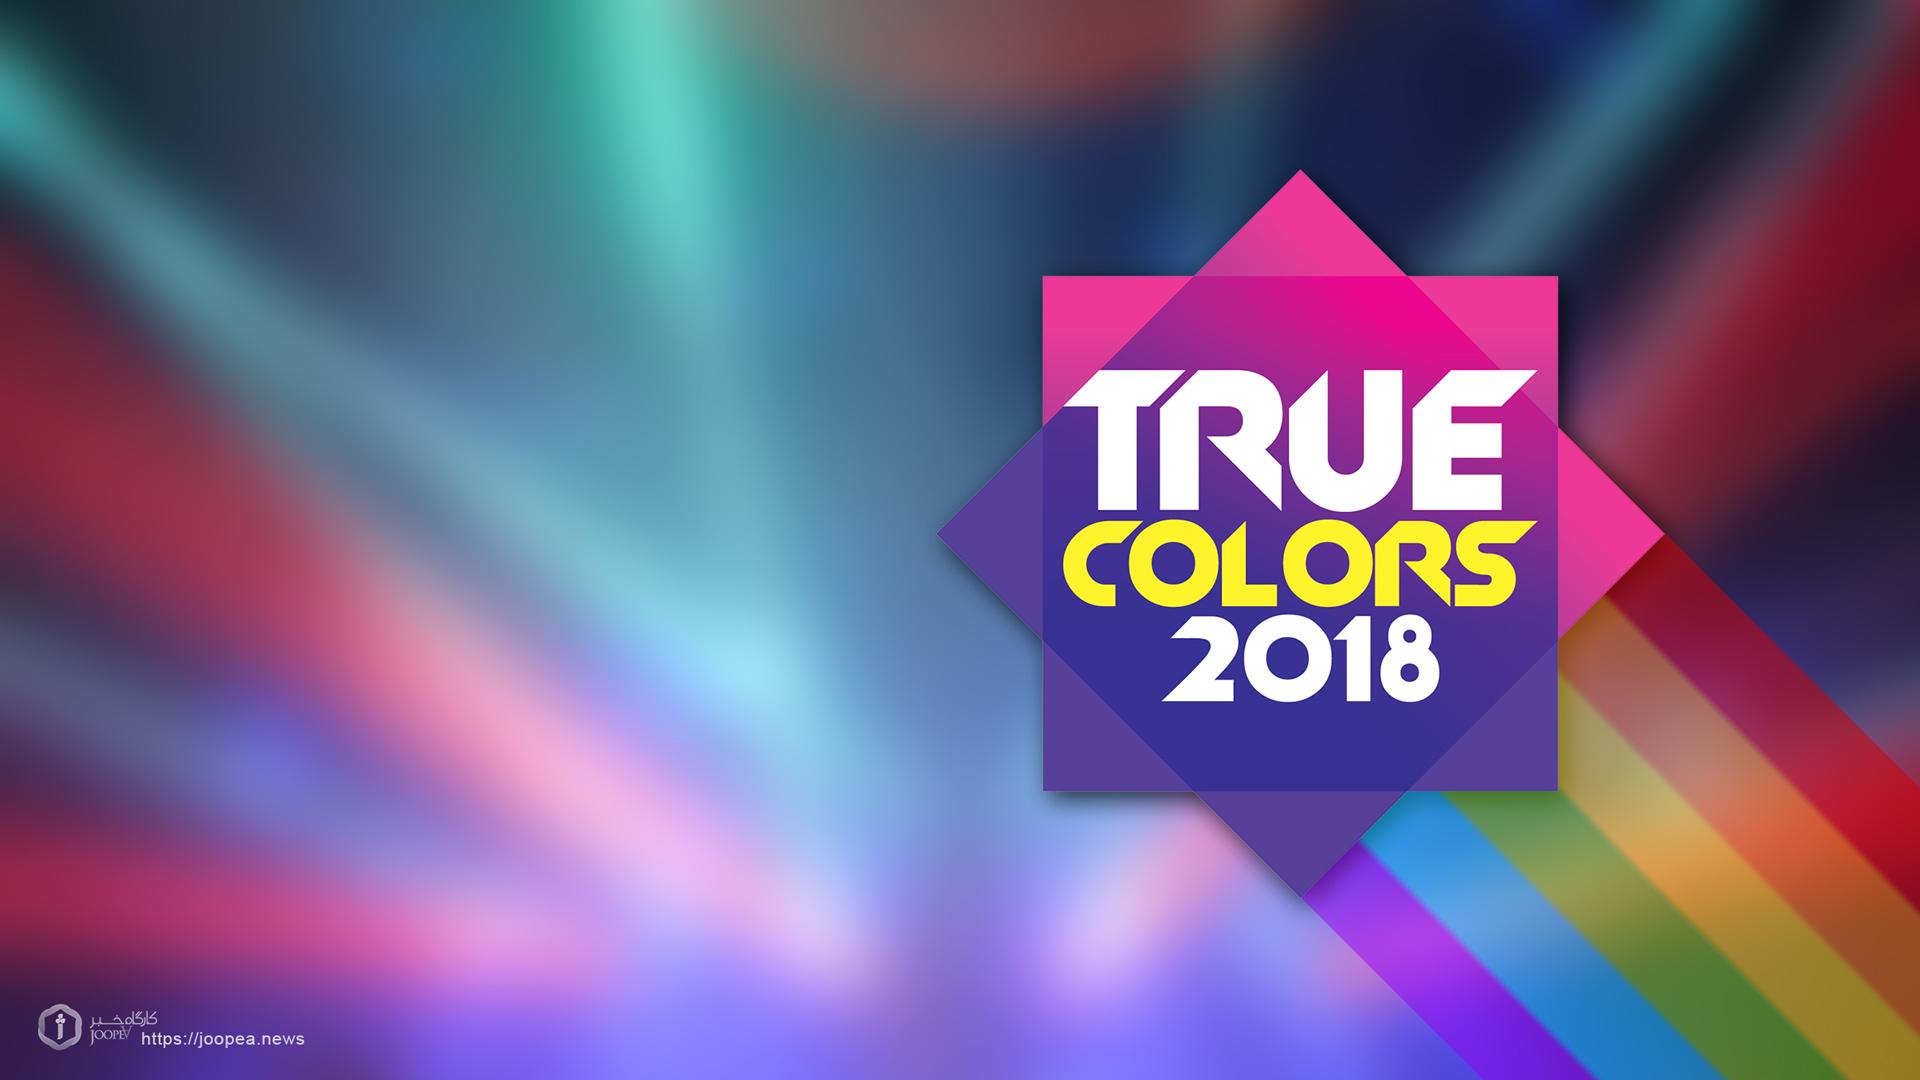 مراسم «رنگهای واقعی ۲۰۱۸» در آمستردام